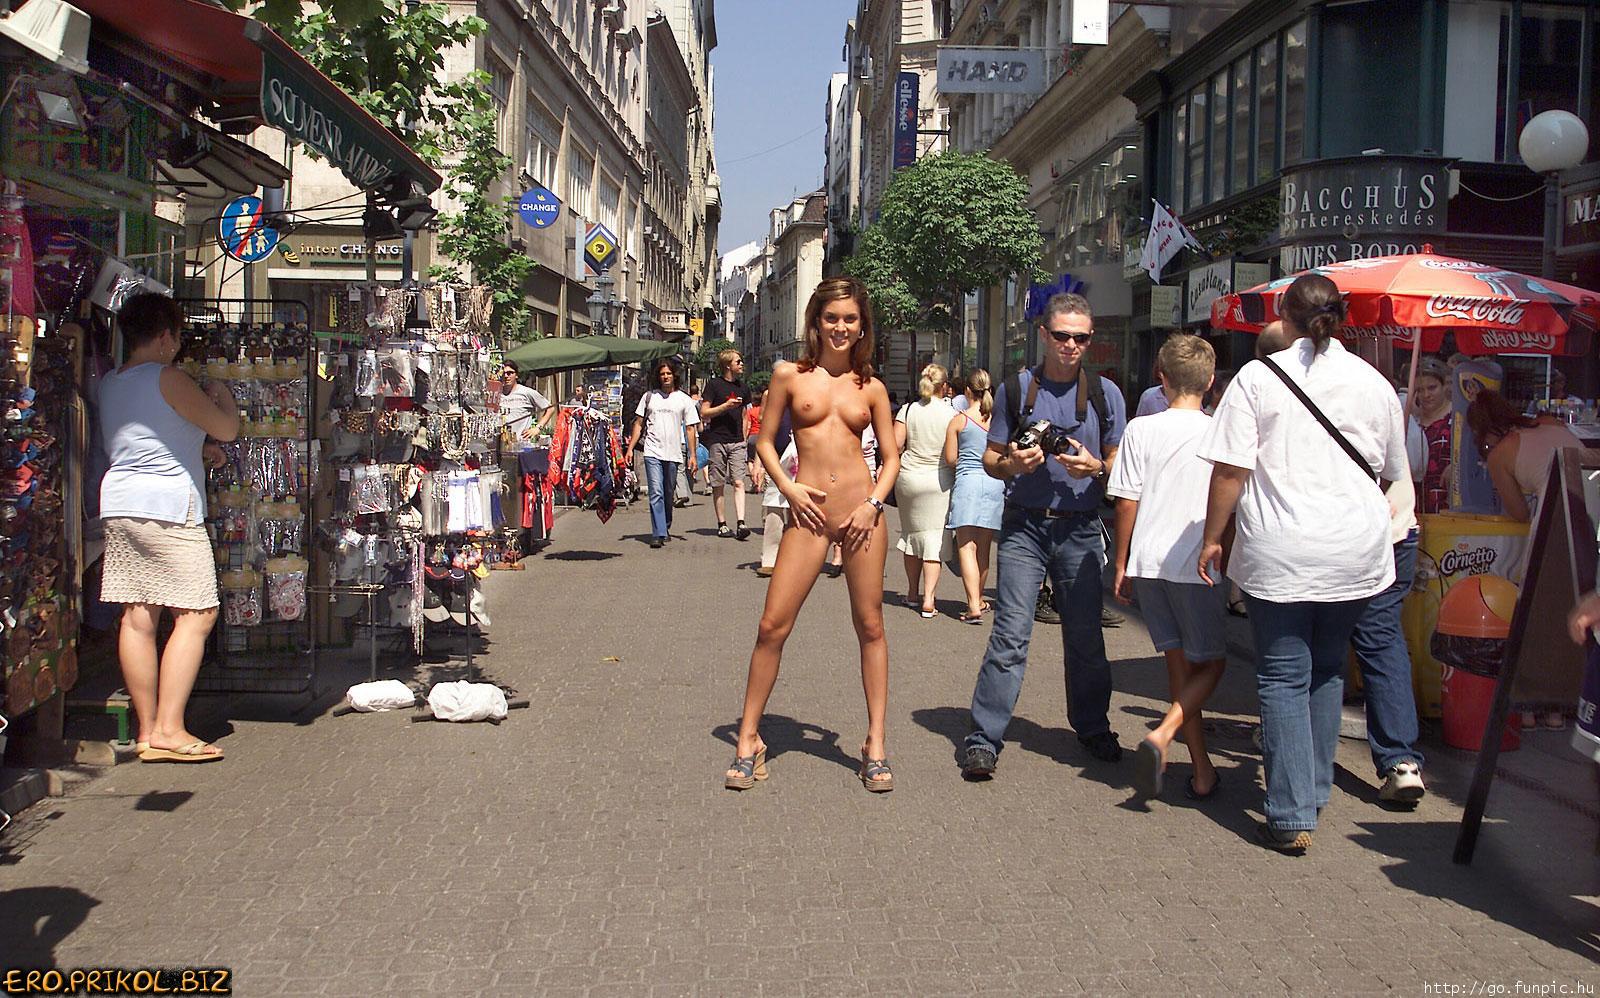 Эксбиционисты на улице 18 фотография